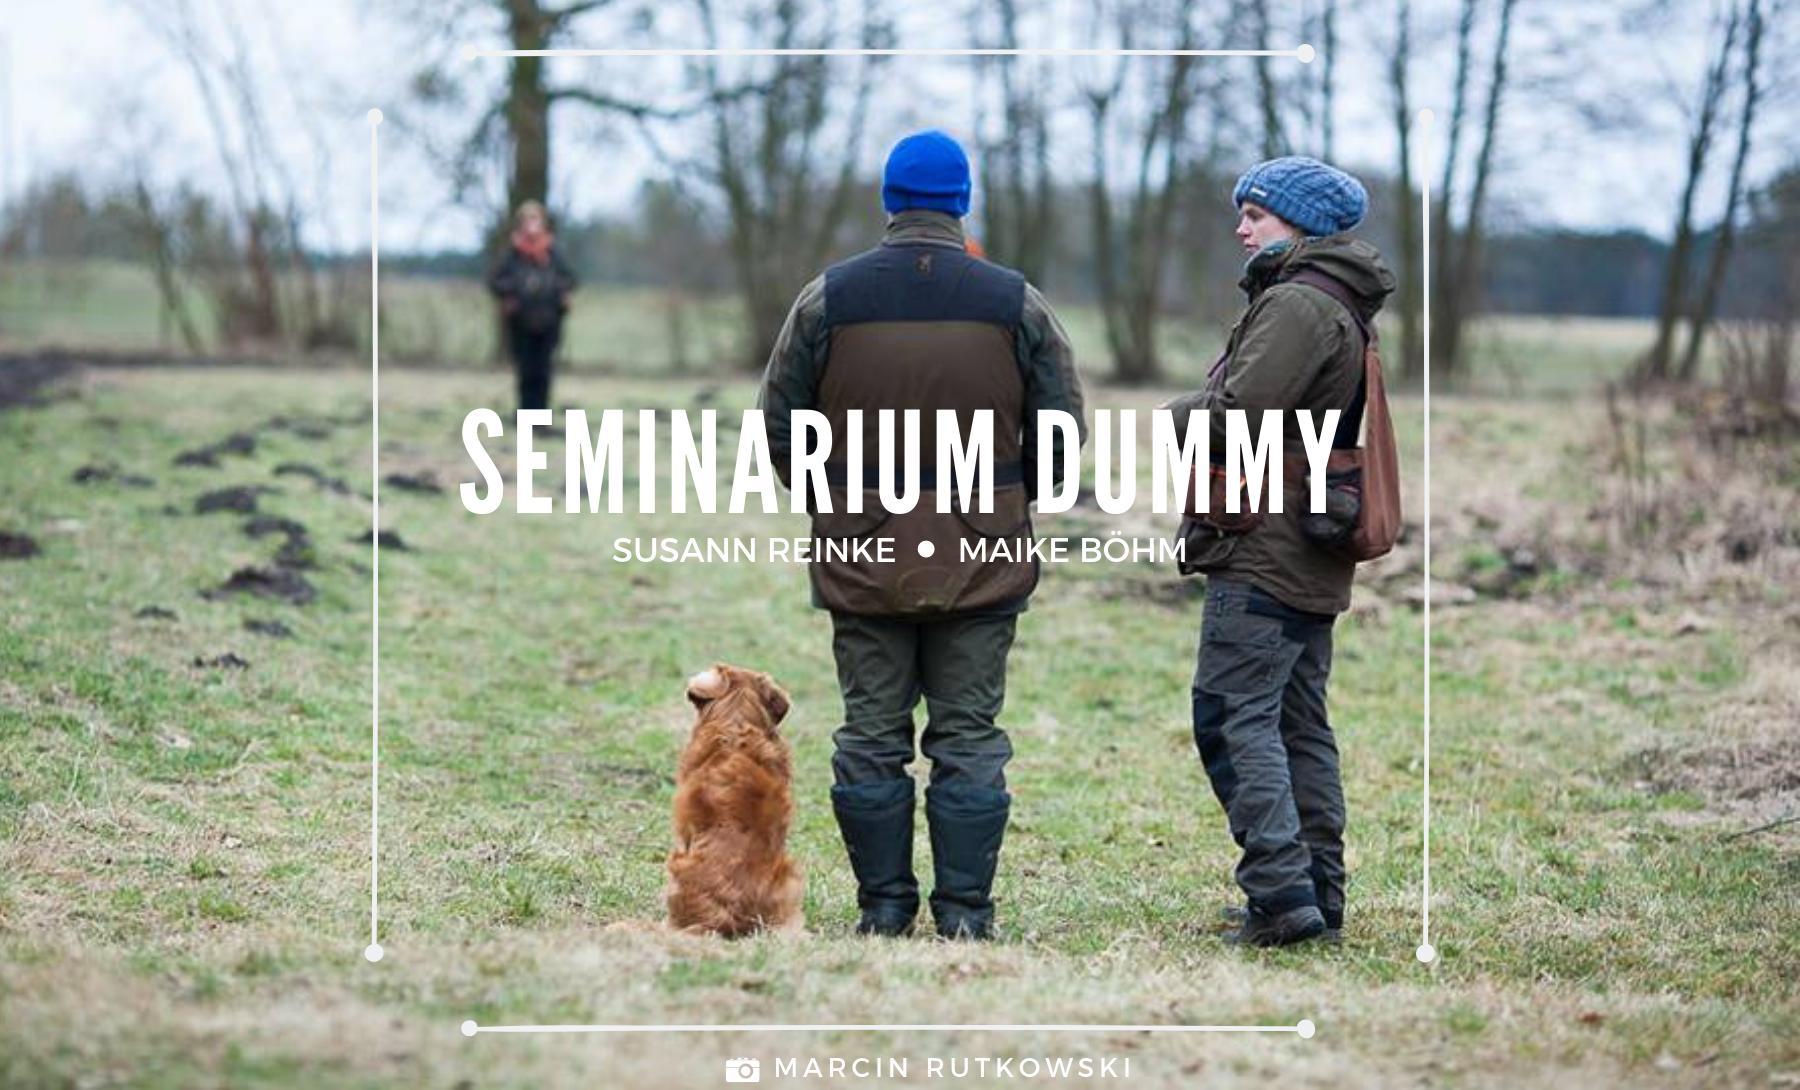 Dummy training Susann Reinke Marike Bohm